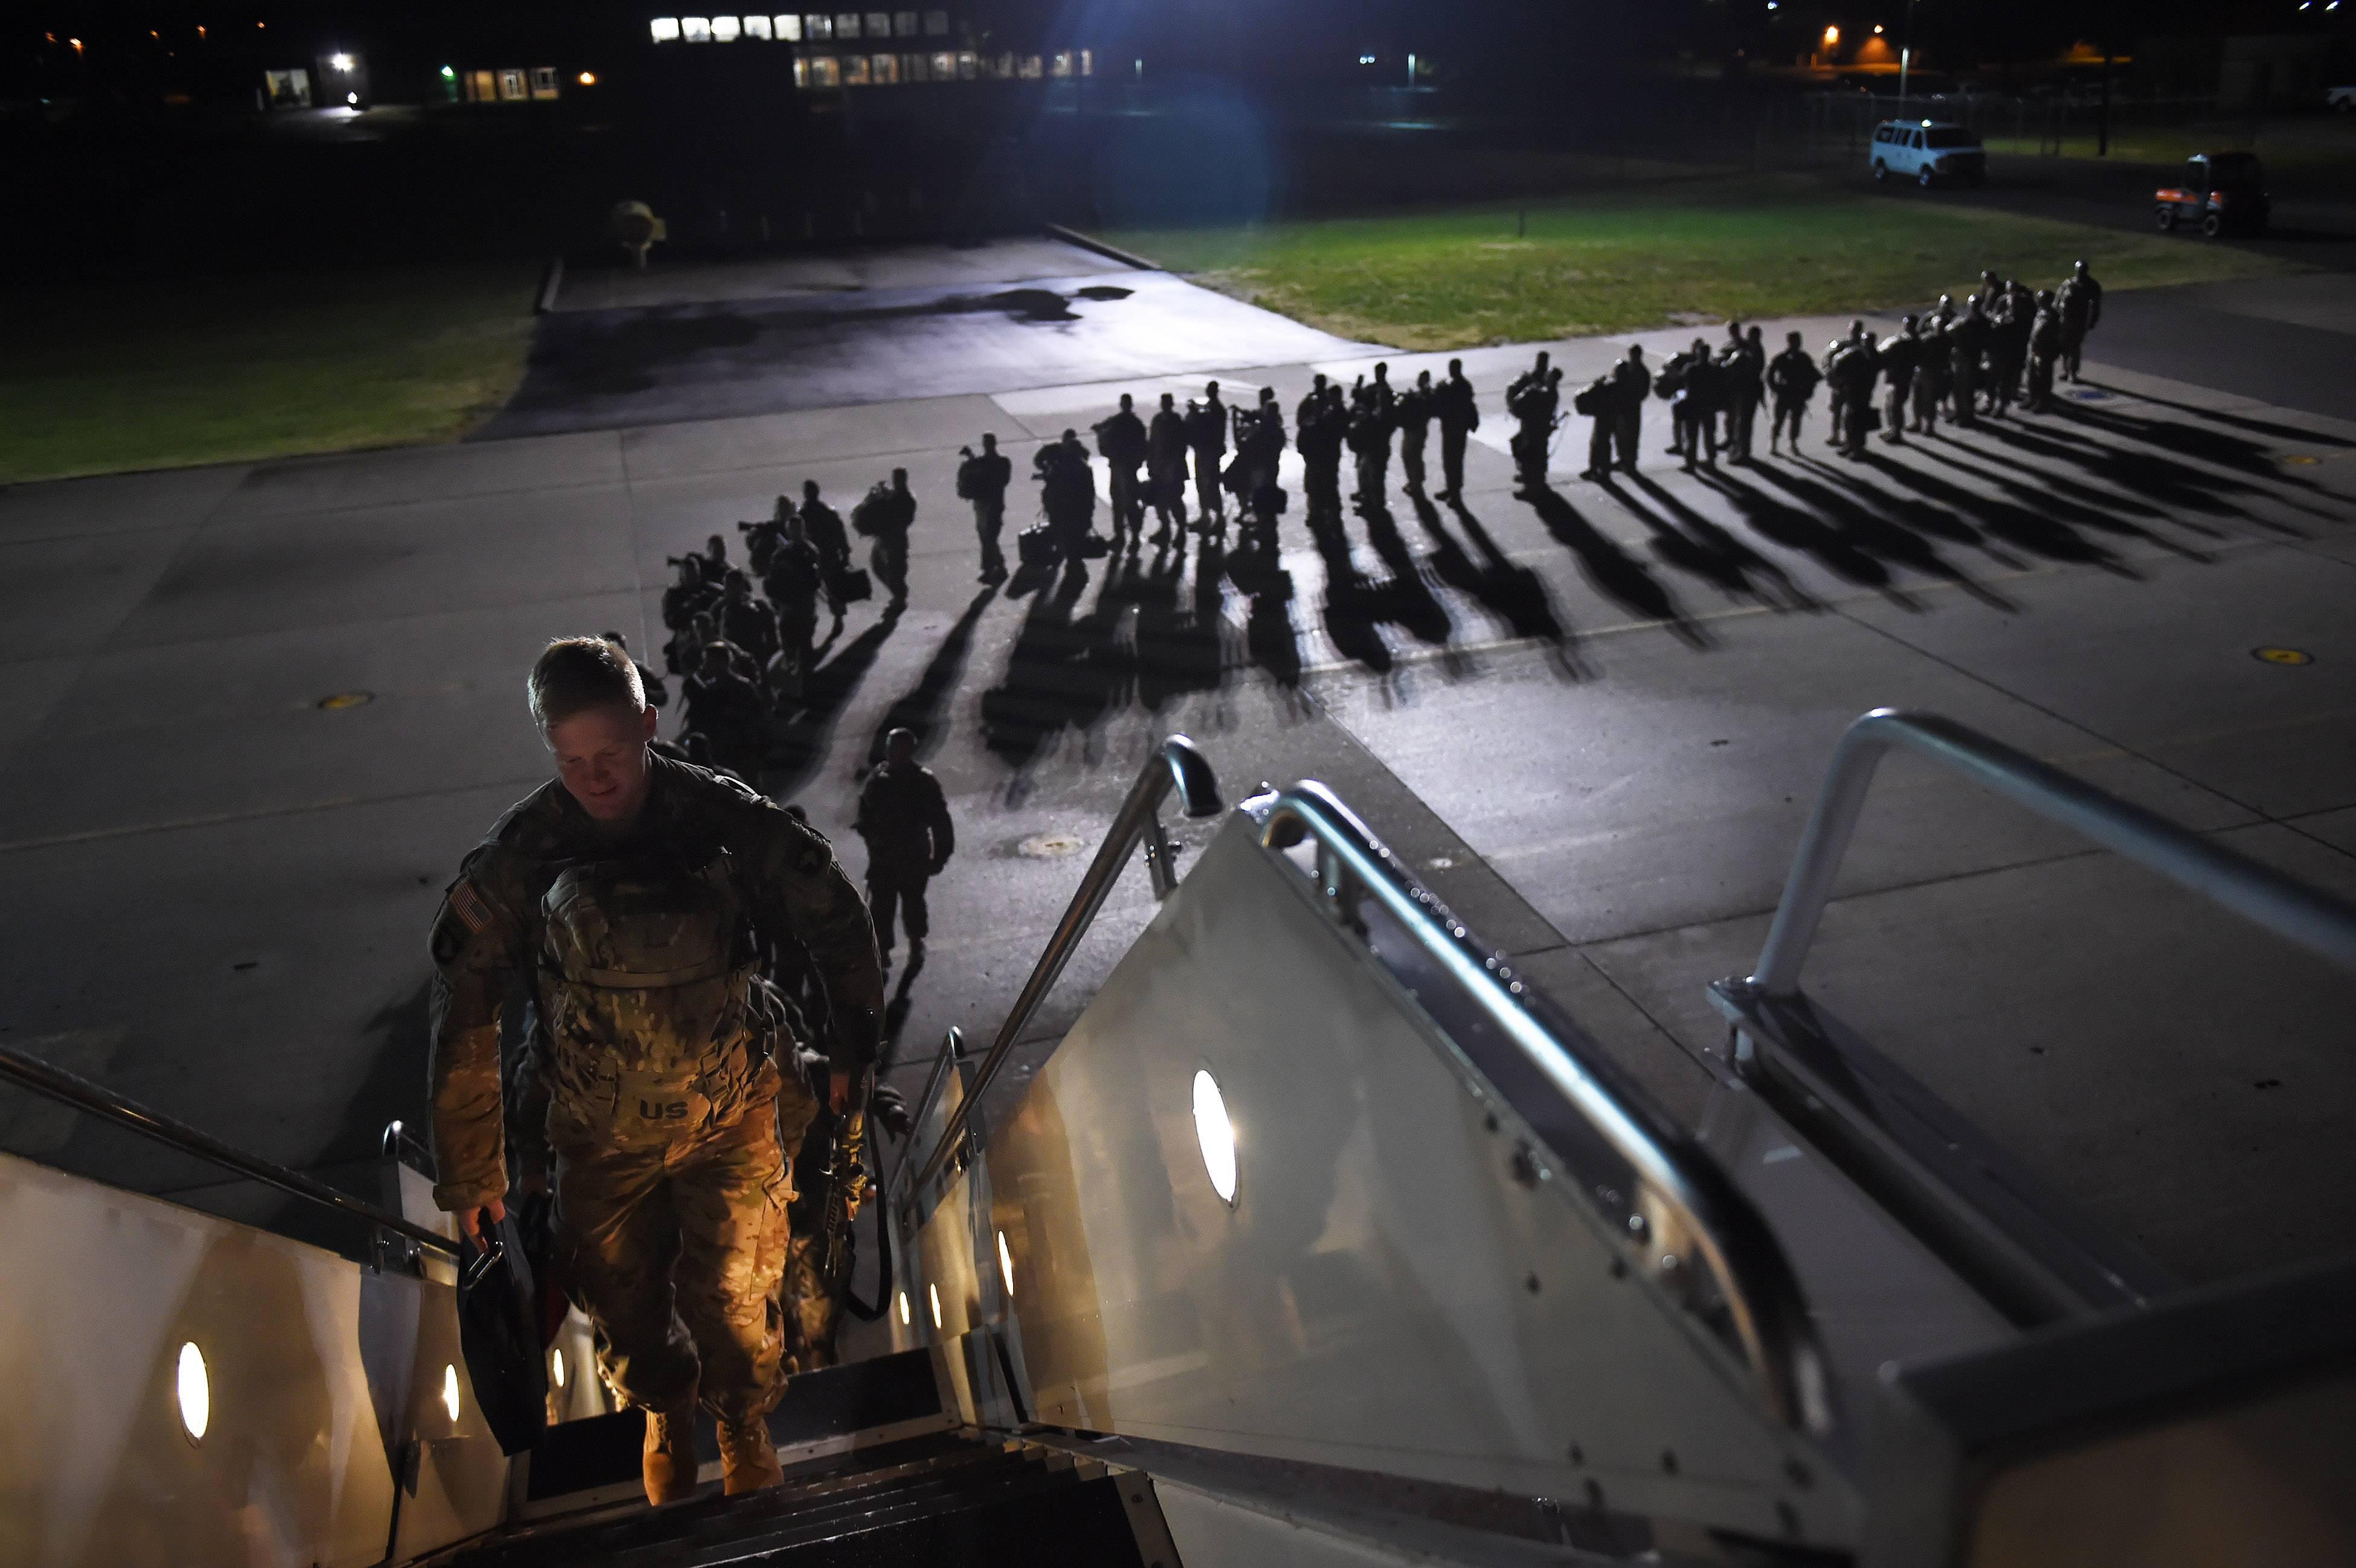 O pessoal do Exército dos EUA embarca em um avião para uma missão no Afeganistão, de Fort Campbell, Kentucky, em 6 de novembro de 2014 | Foto:  Washington Post/Matt McClain